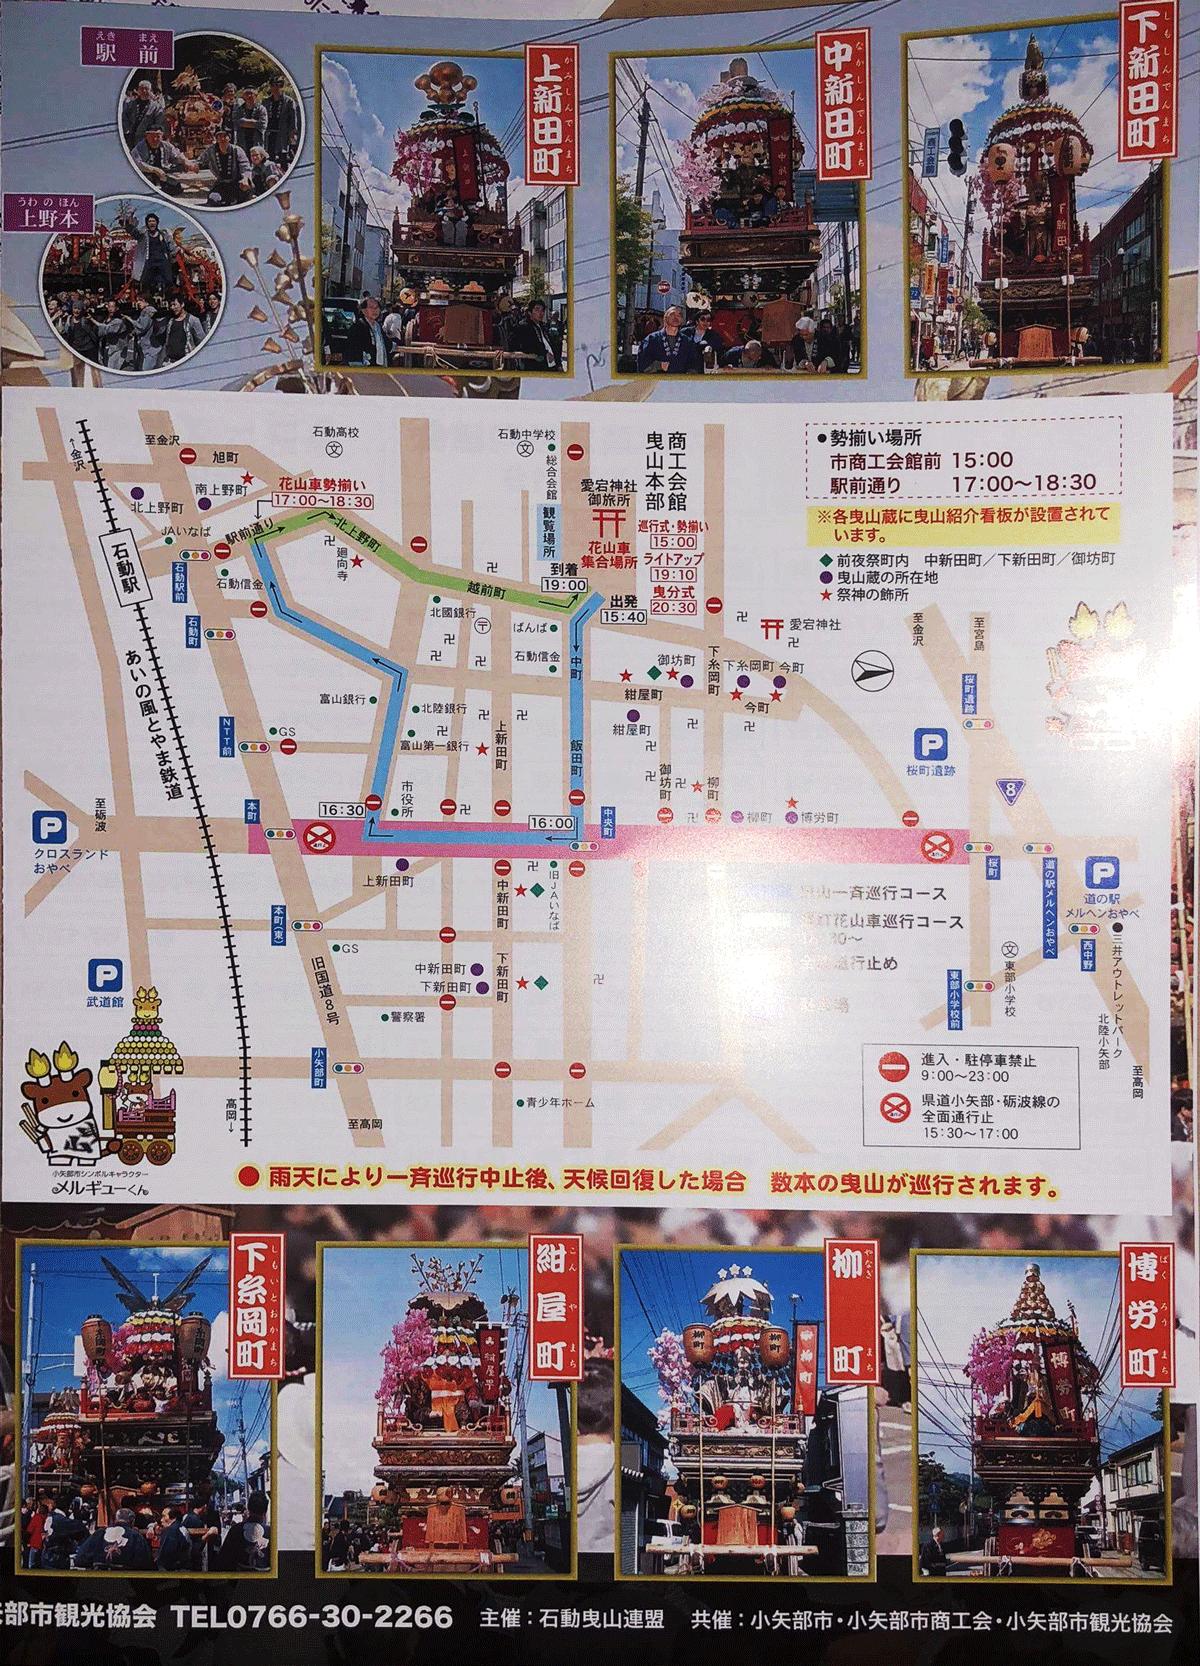 石動曳山祭り2018の地図